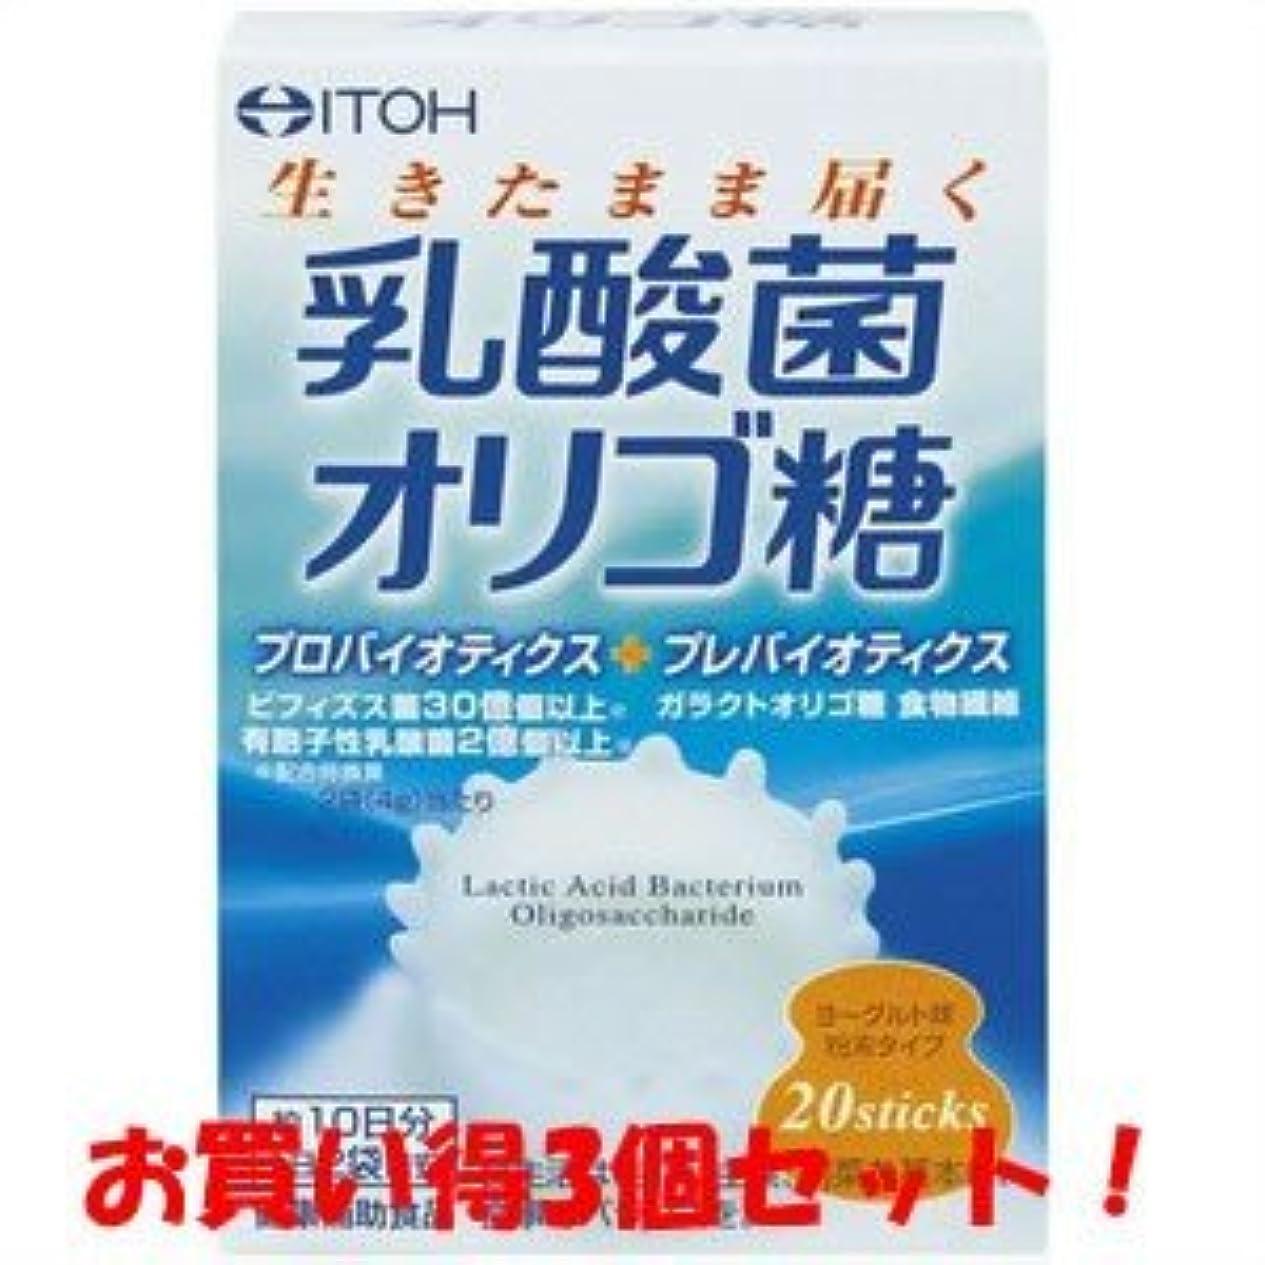 海外で四しないでください【井藤漢方製薬】乳酸菌オリゴ糖 40g(2g×20スティック)(お買い得3個セット)